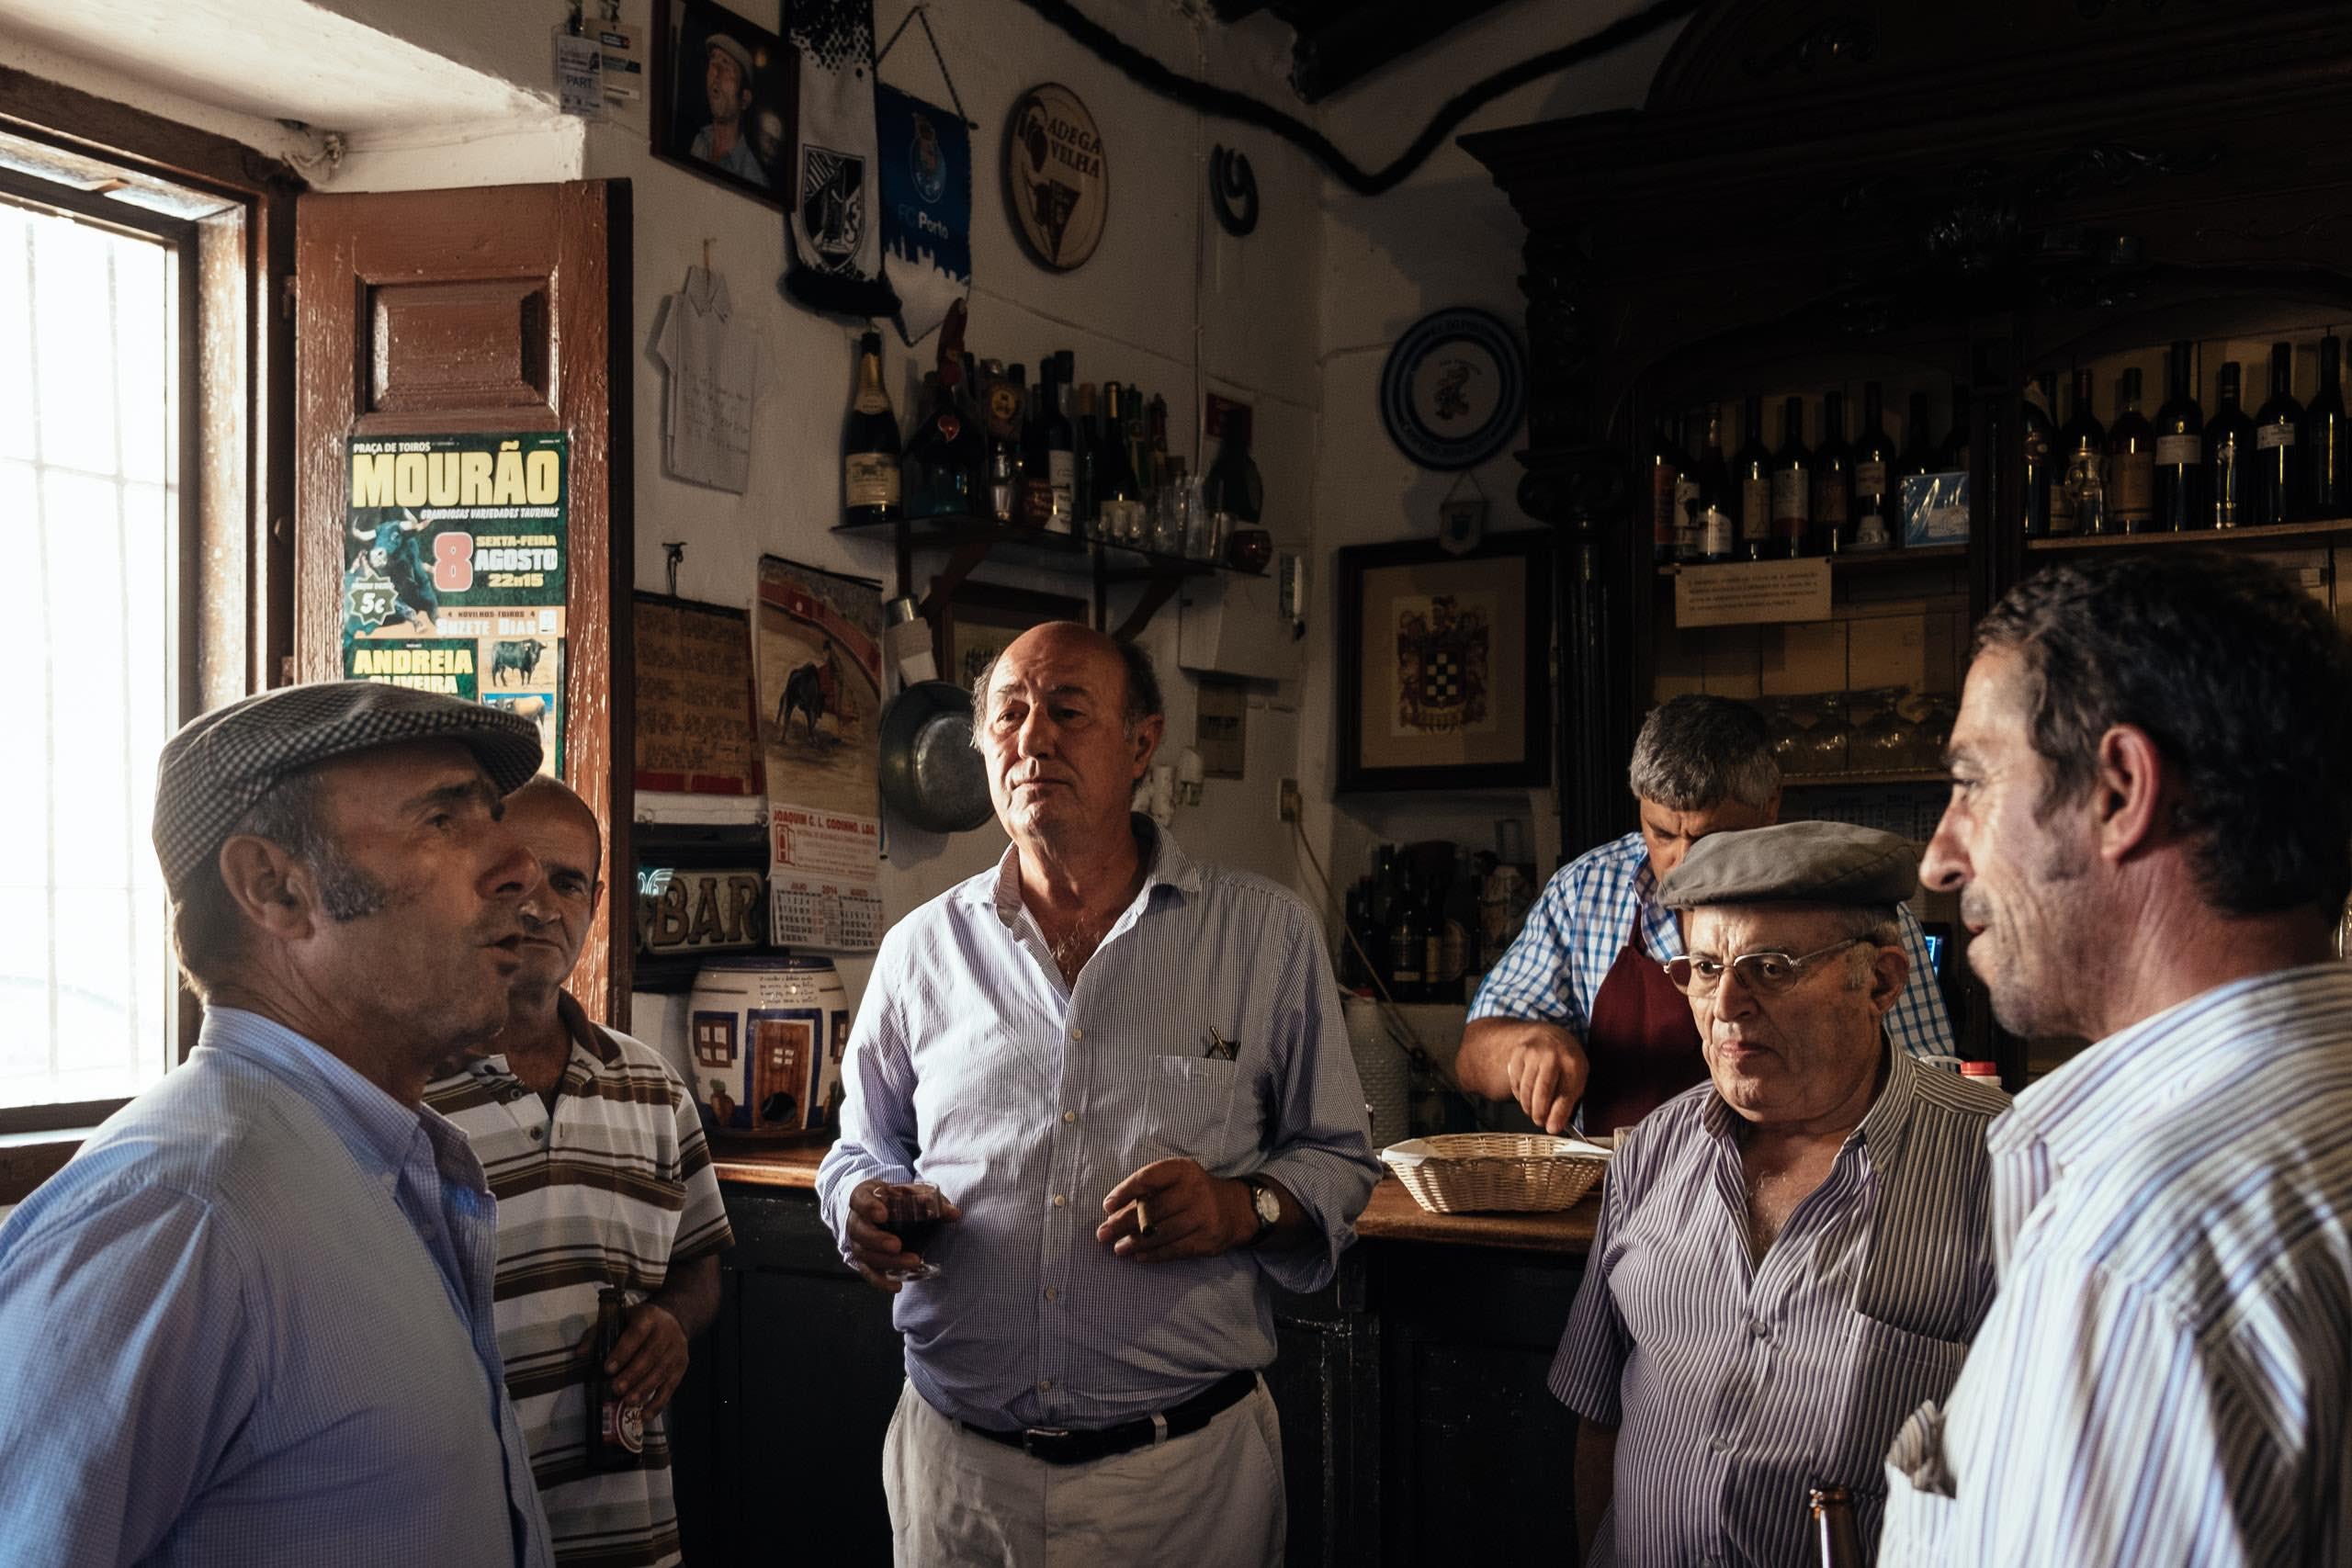 Mourao Adega Velha Cante Alentejano Portugal